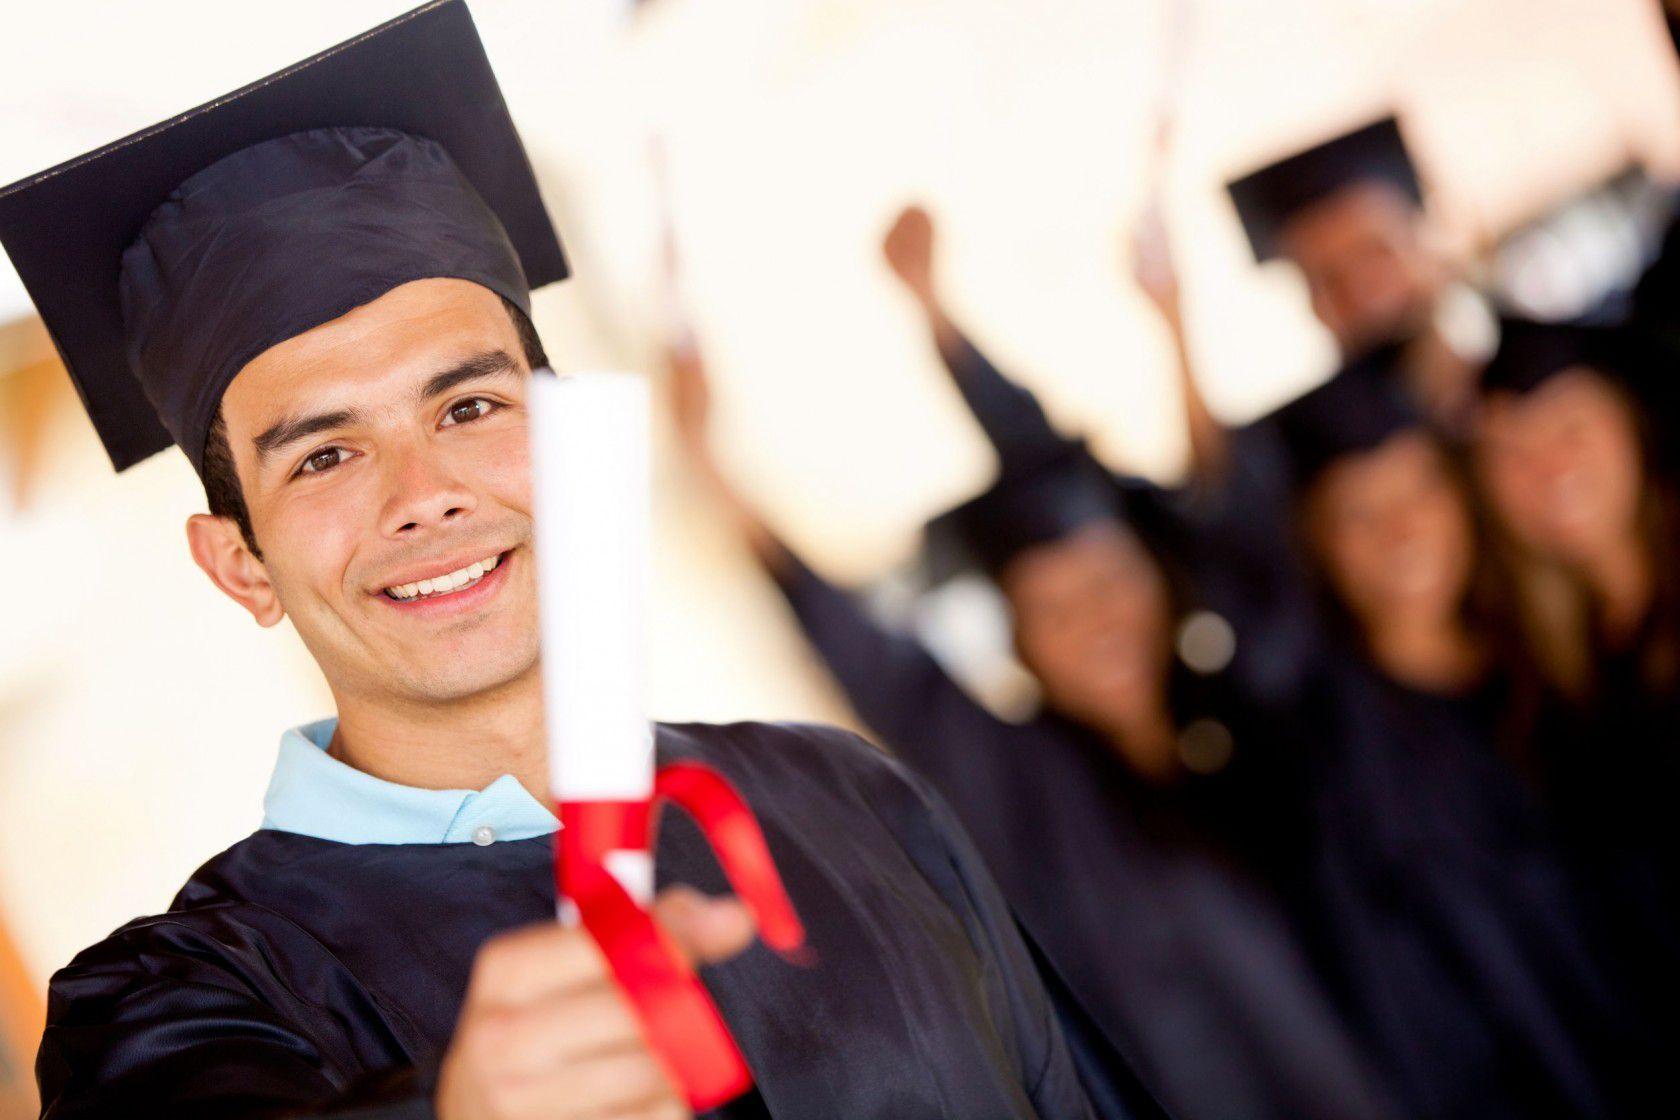 Amerika Lise Öğrenci Vizeleri ve Belgeleri Nelerdir?